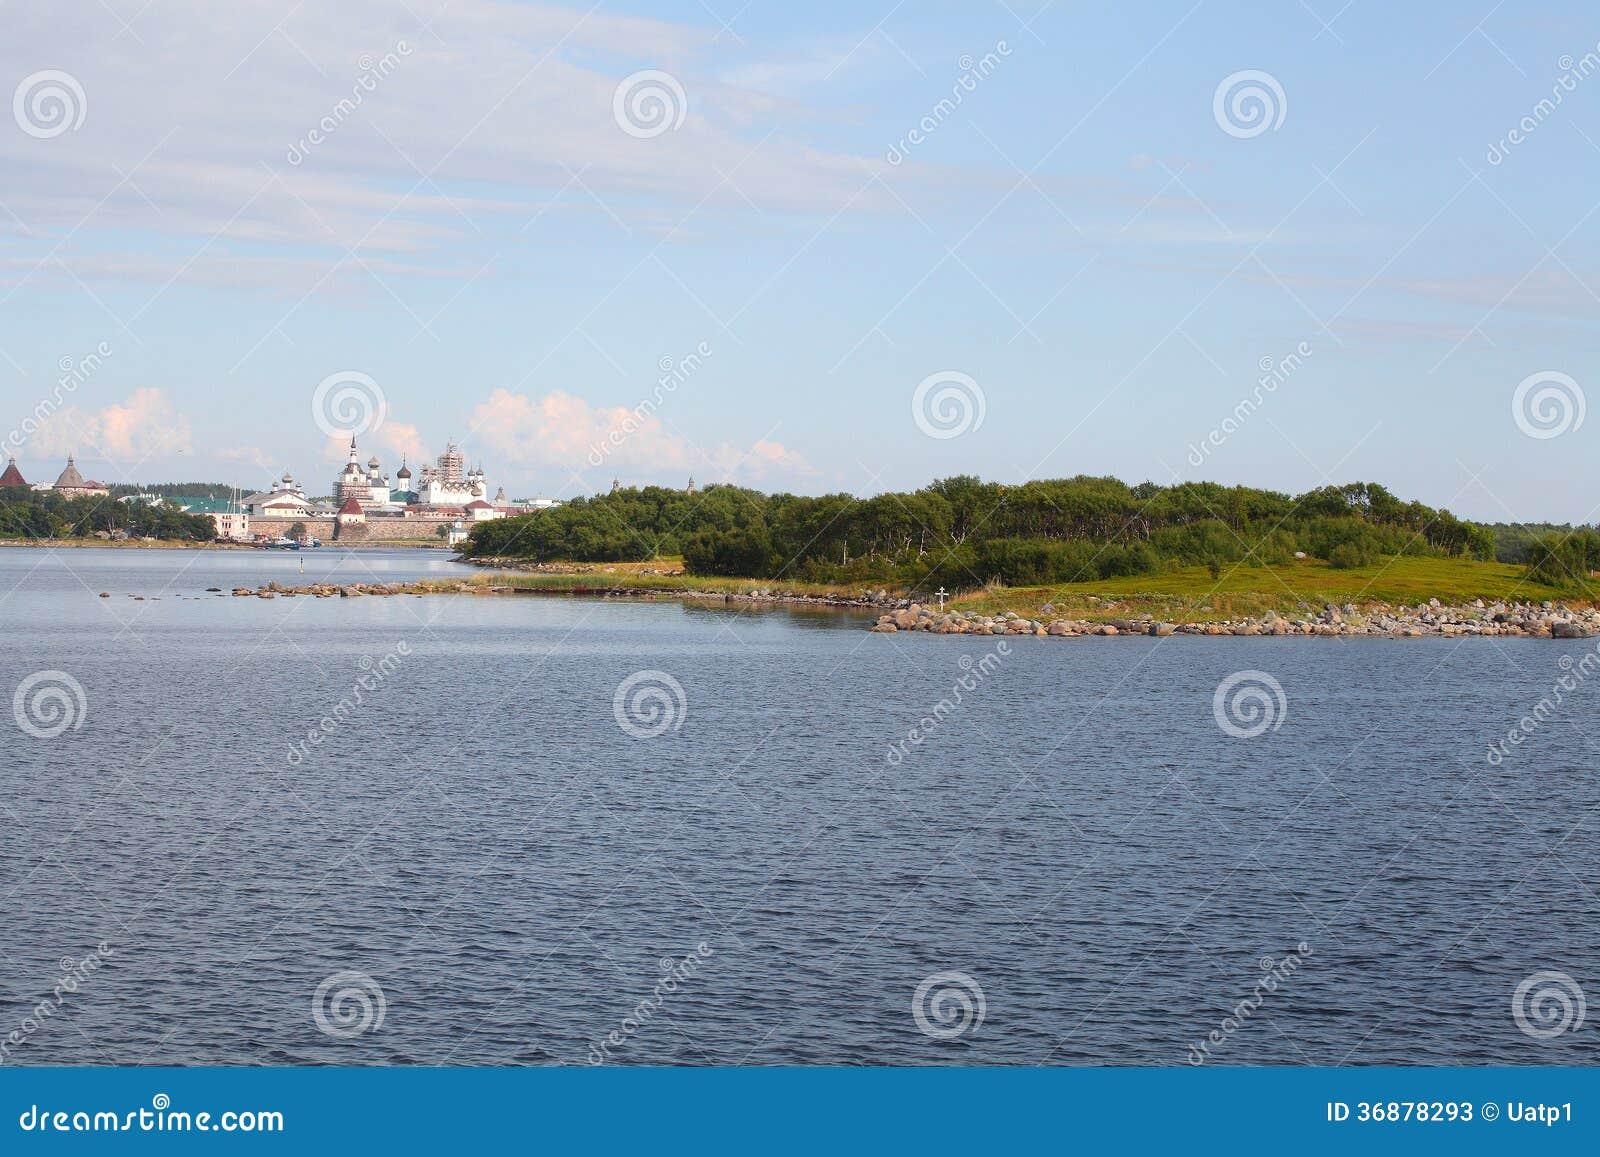 Download Paesaggio Con L'immagine Del Monastero Di Solovetsky Immagine Stock - Immagine di famoso, castello: 36878293